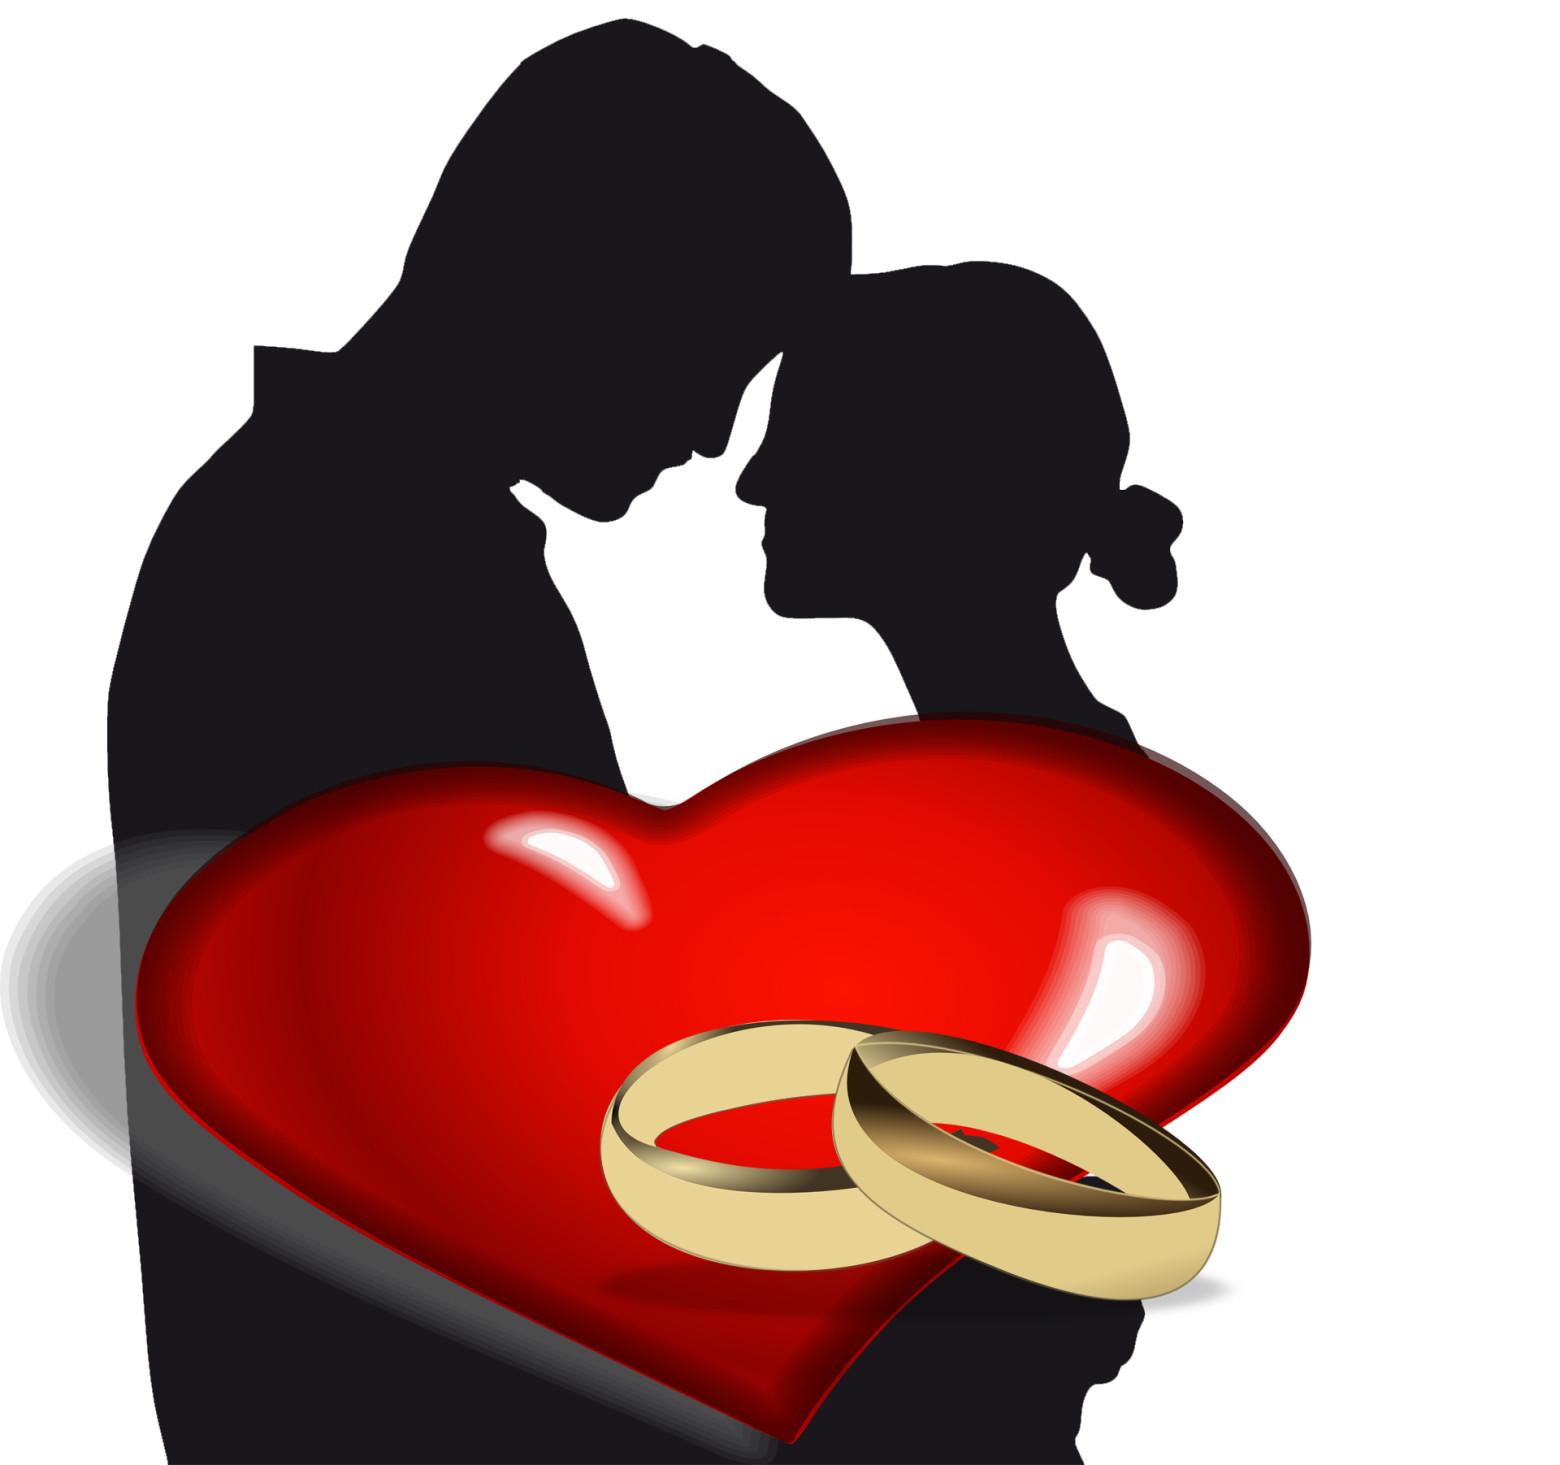 d claration d amour demande en mariage image gratuites images gratuites et libres de droits. Black Bedroom Furniture Sets. Home Design Ideas